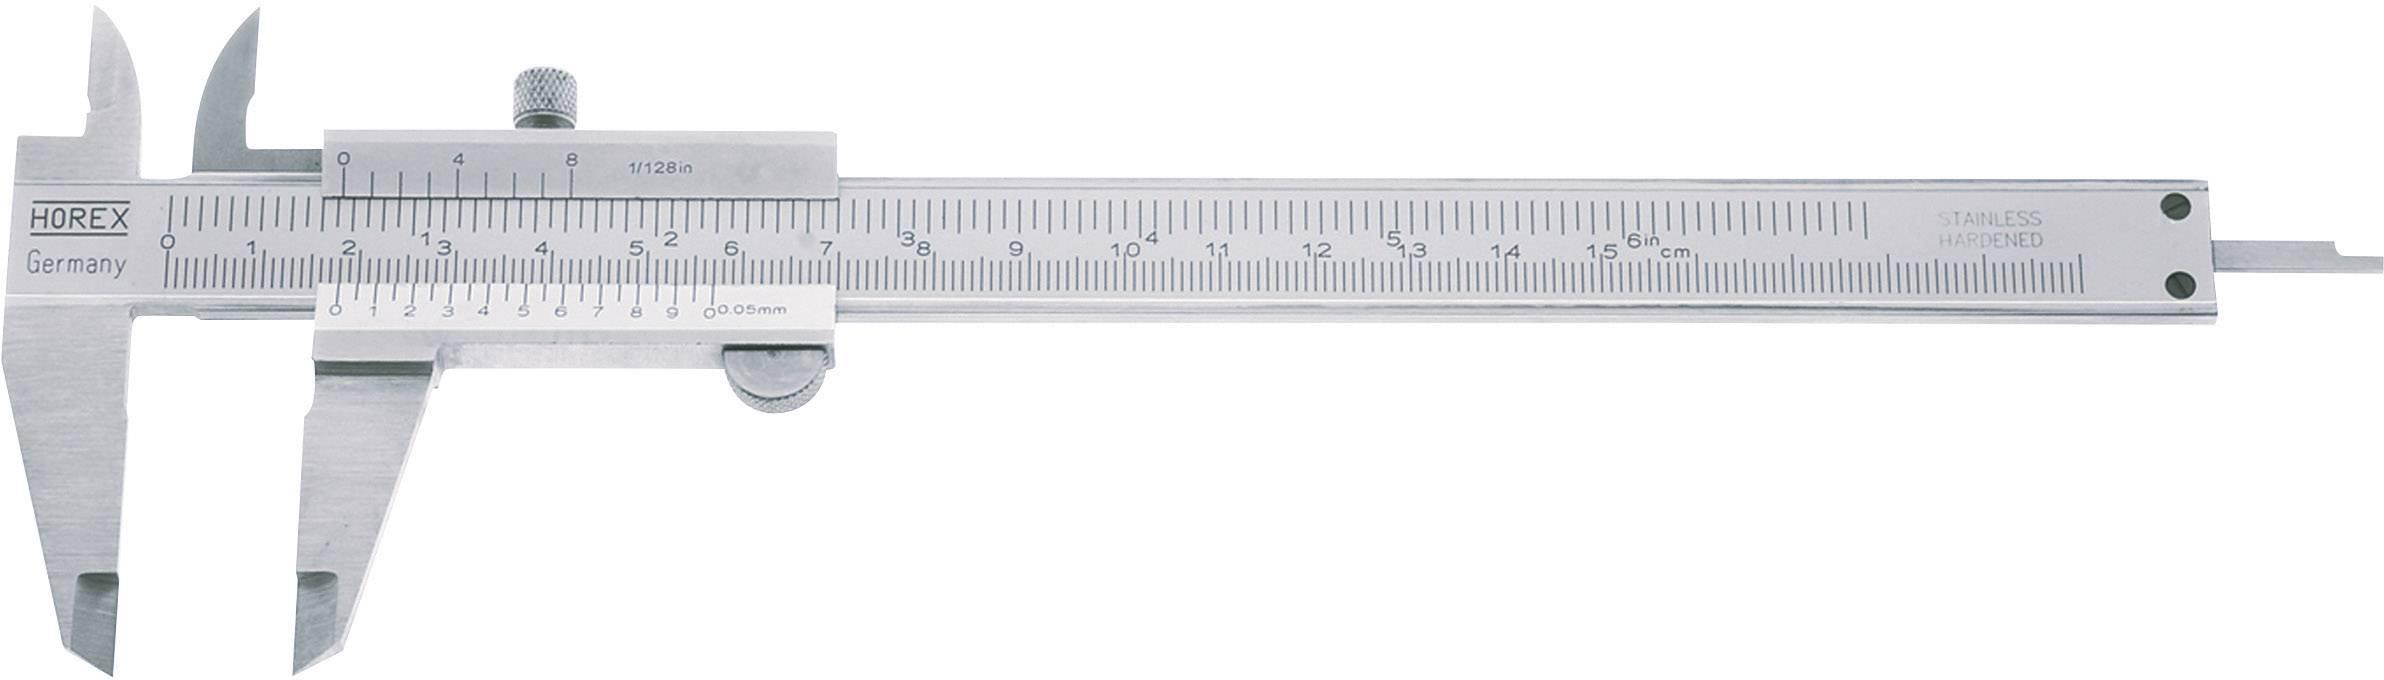 Kapesní posuvné měřítko Horex 2226510, měřicí rozsah 100 mm, Kalibrováno dle bez certifikátu